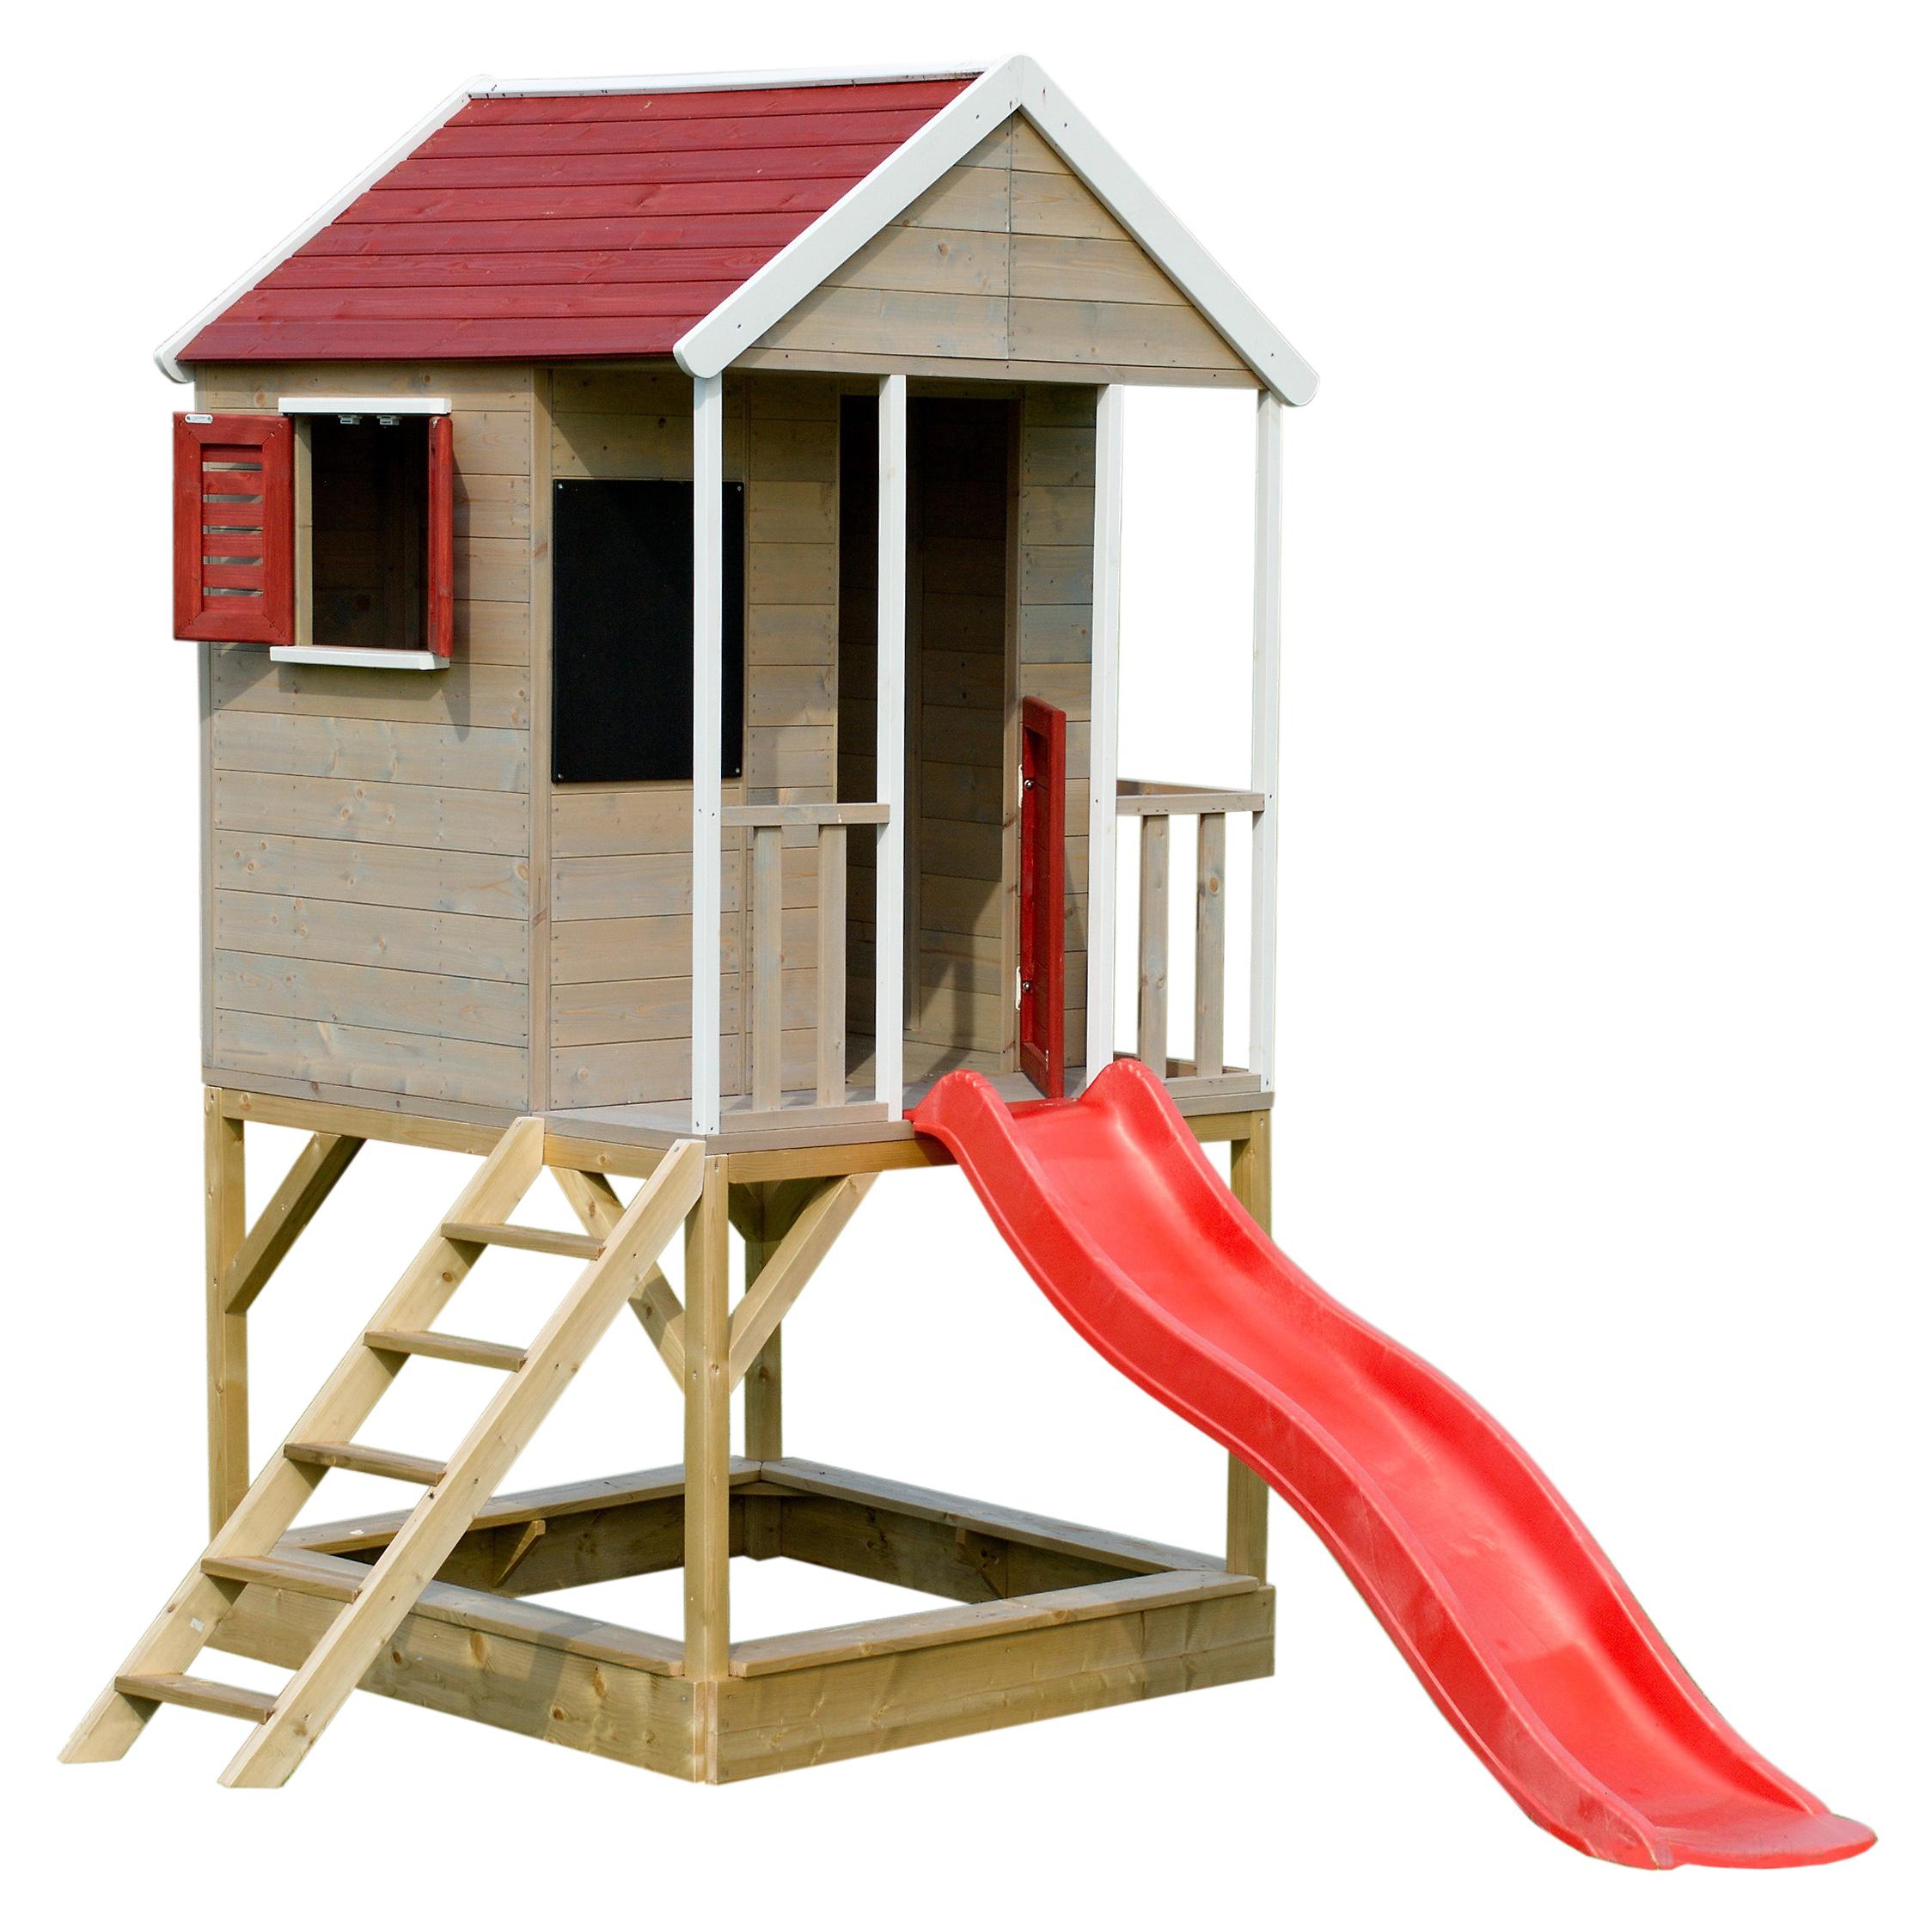 lignau sommerhaus gartenhaus kinderspielhaus gaeretehaus freizeithaus nordic villa. Black Bedroom Furniture Sets. Home Design Ideas